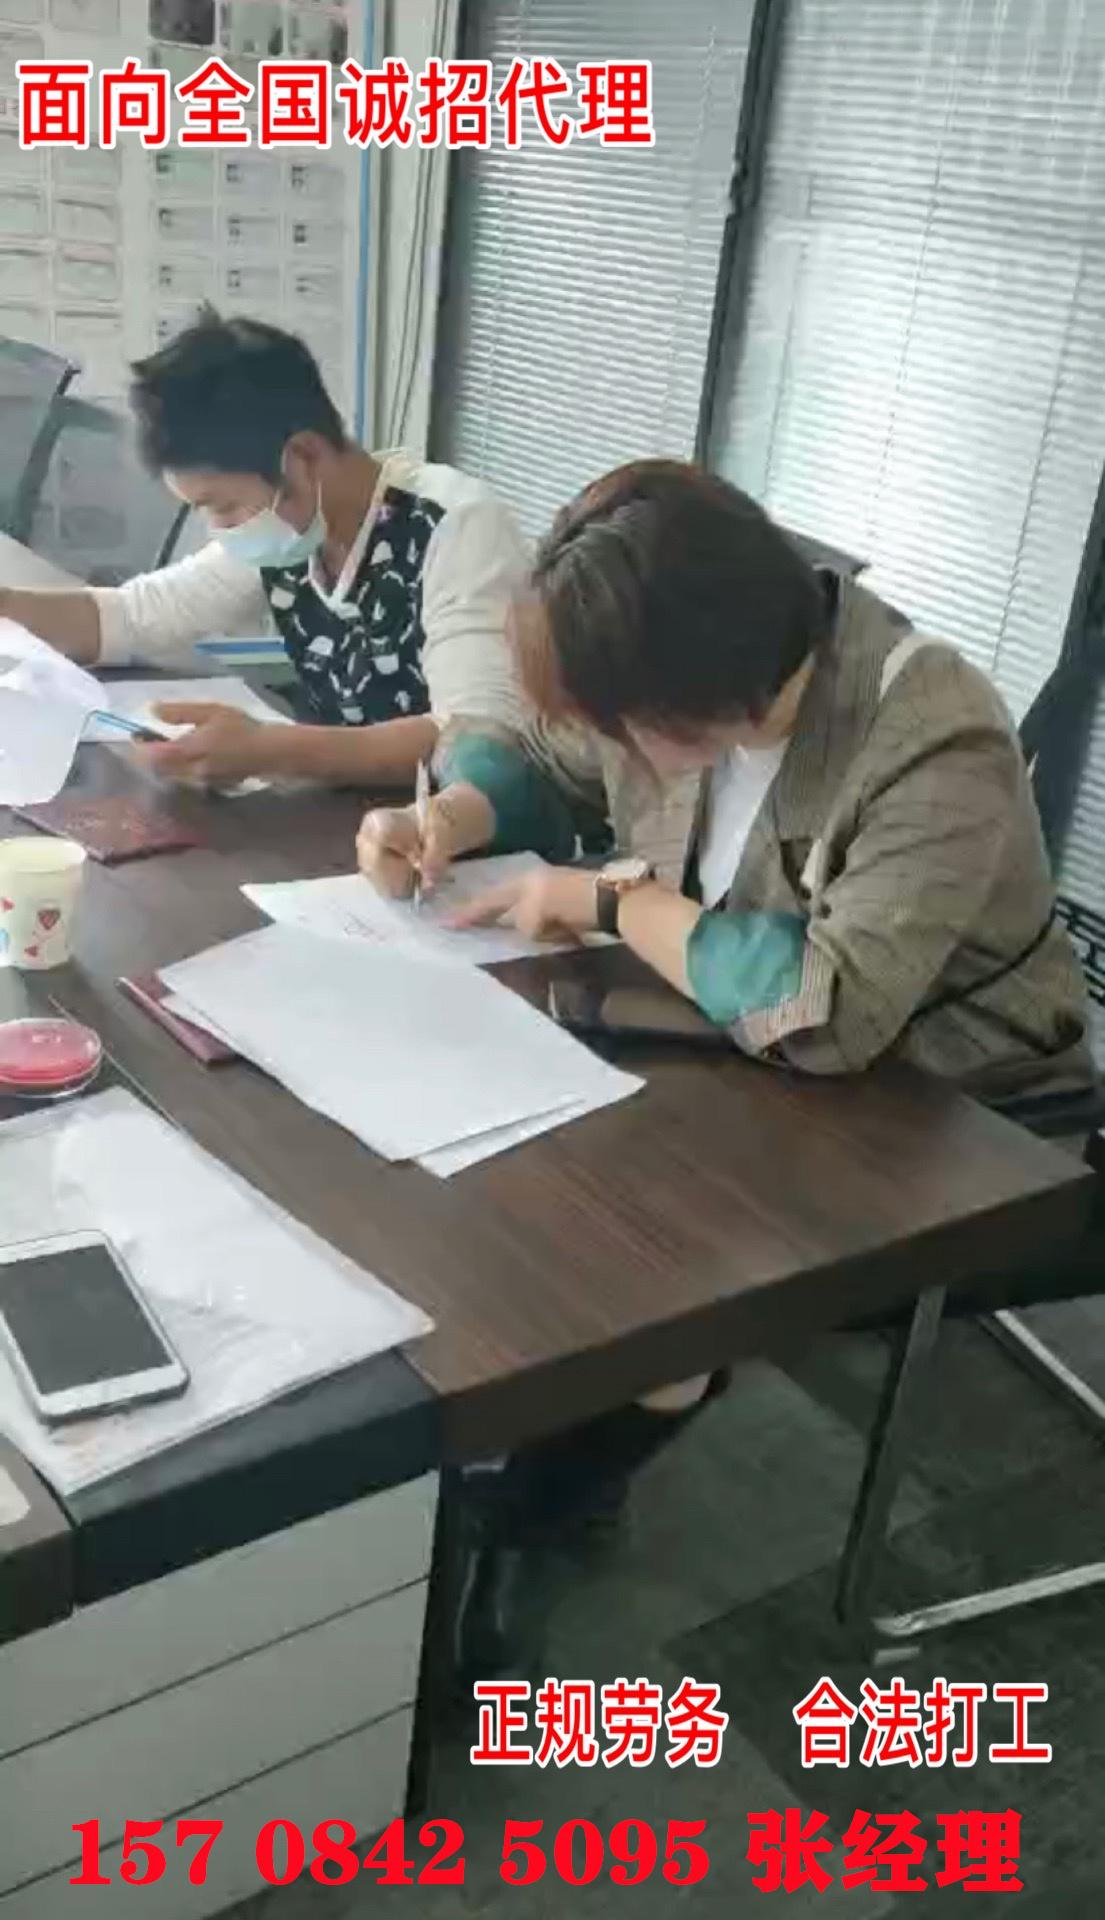 云南保山正规中建出国劳务-招库管员-只上白班